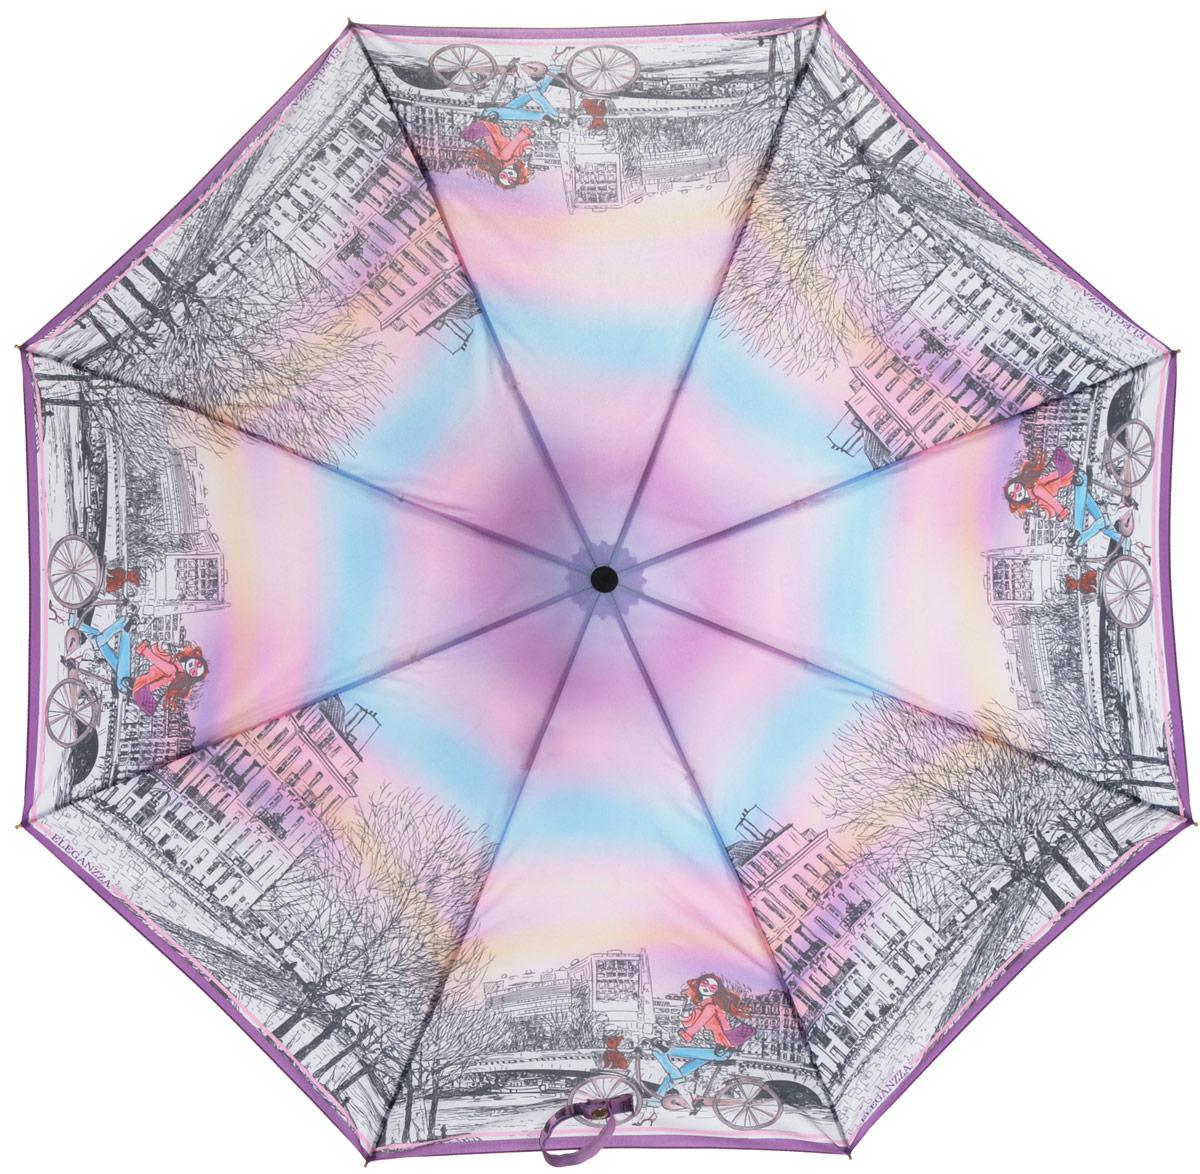 Зонт женский Eleganzza, автомат, 3 сложения, цвет: белый, фиолетовый, черный. A3-05-0297A3-05-0297Стильный и элегантный зонт Eleganzza не оставит вас незамеченной. Зонт оформлен оригинальным принтом. Зонт состоит из восьми спиц и стержня, изготовленных из стали, алюминия и фибергласса. Купол выполнен из качественного полиэстера и эпонжа, которые не пропускают воду. Зонт дополнен удобной ручкой из пластика. Зонт имеет автоматический механизм сложения: купол открывается и закрывается нажатием кнопки на ручке, стержень складывается вручную до характерного щелчка и каркас не вылетает обратно, благодаря чему открыть и закрыть зонт можно одной рукой. Ручка дополнена петлей, благодаря которой зонт можно носить на запястье . К зонту прилагается чехол. Удобный и практичный аксессуар даже в ненастную погоду позволит вам оставаться женственной и привлекательной.